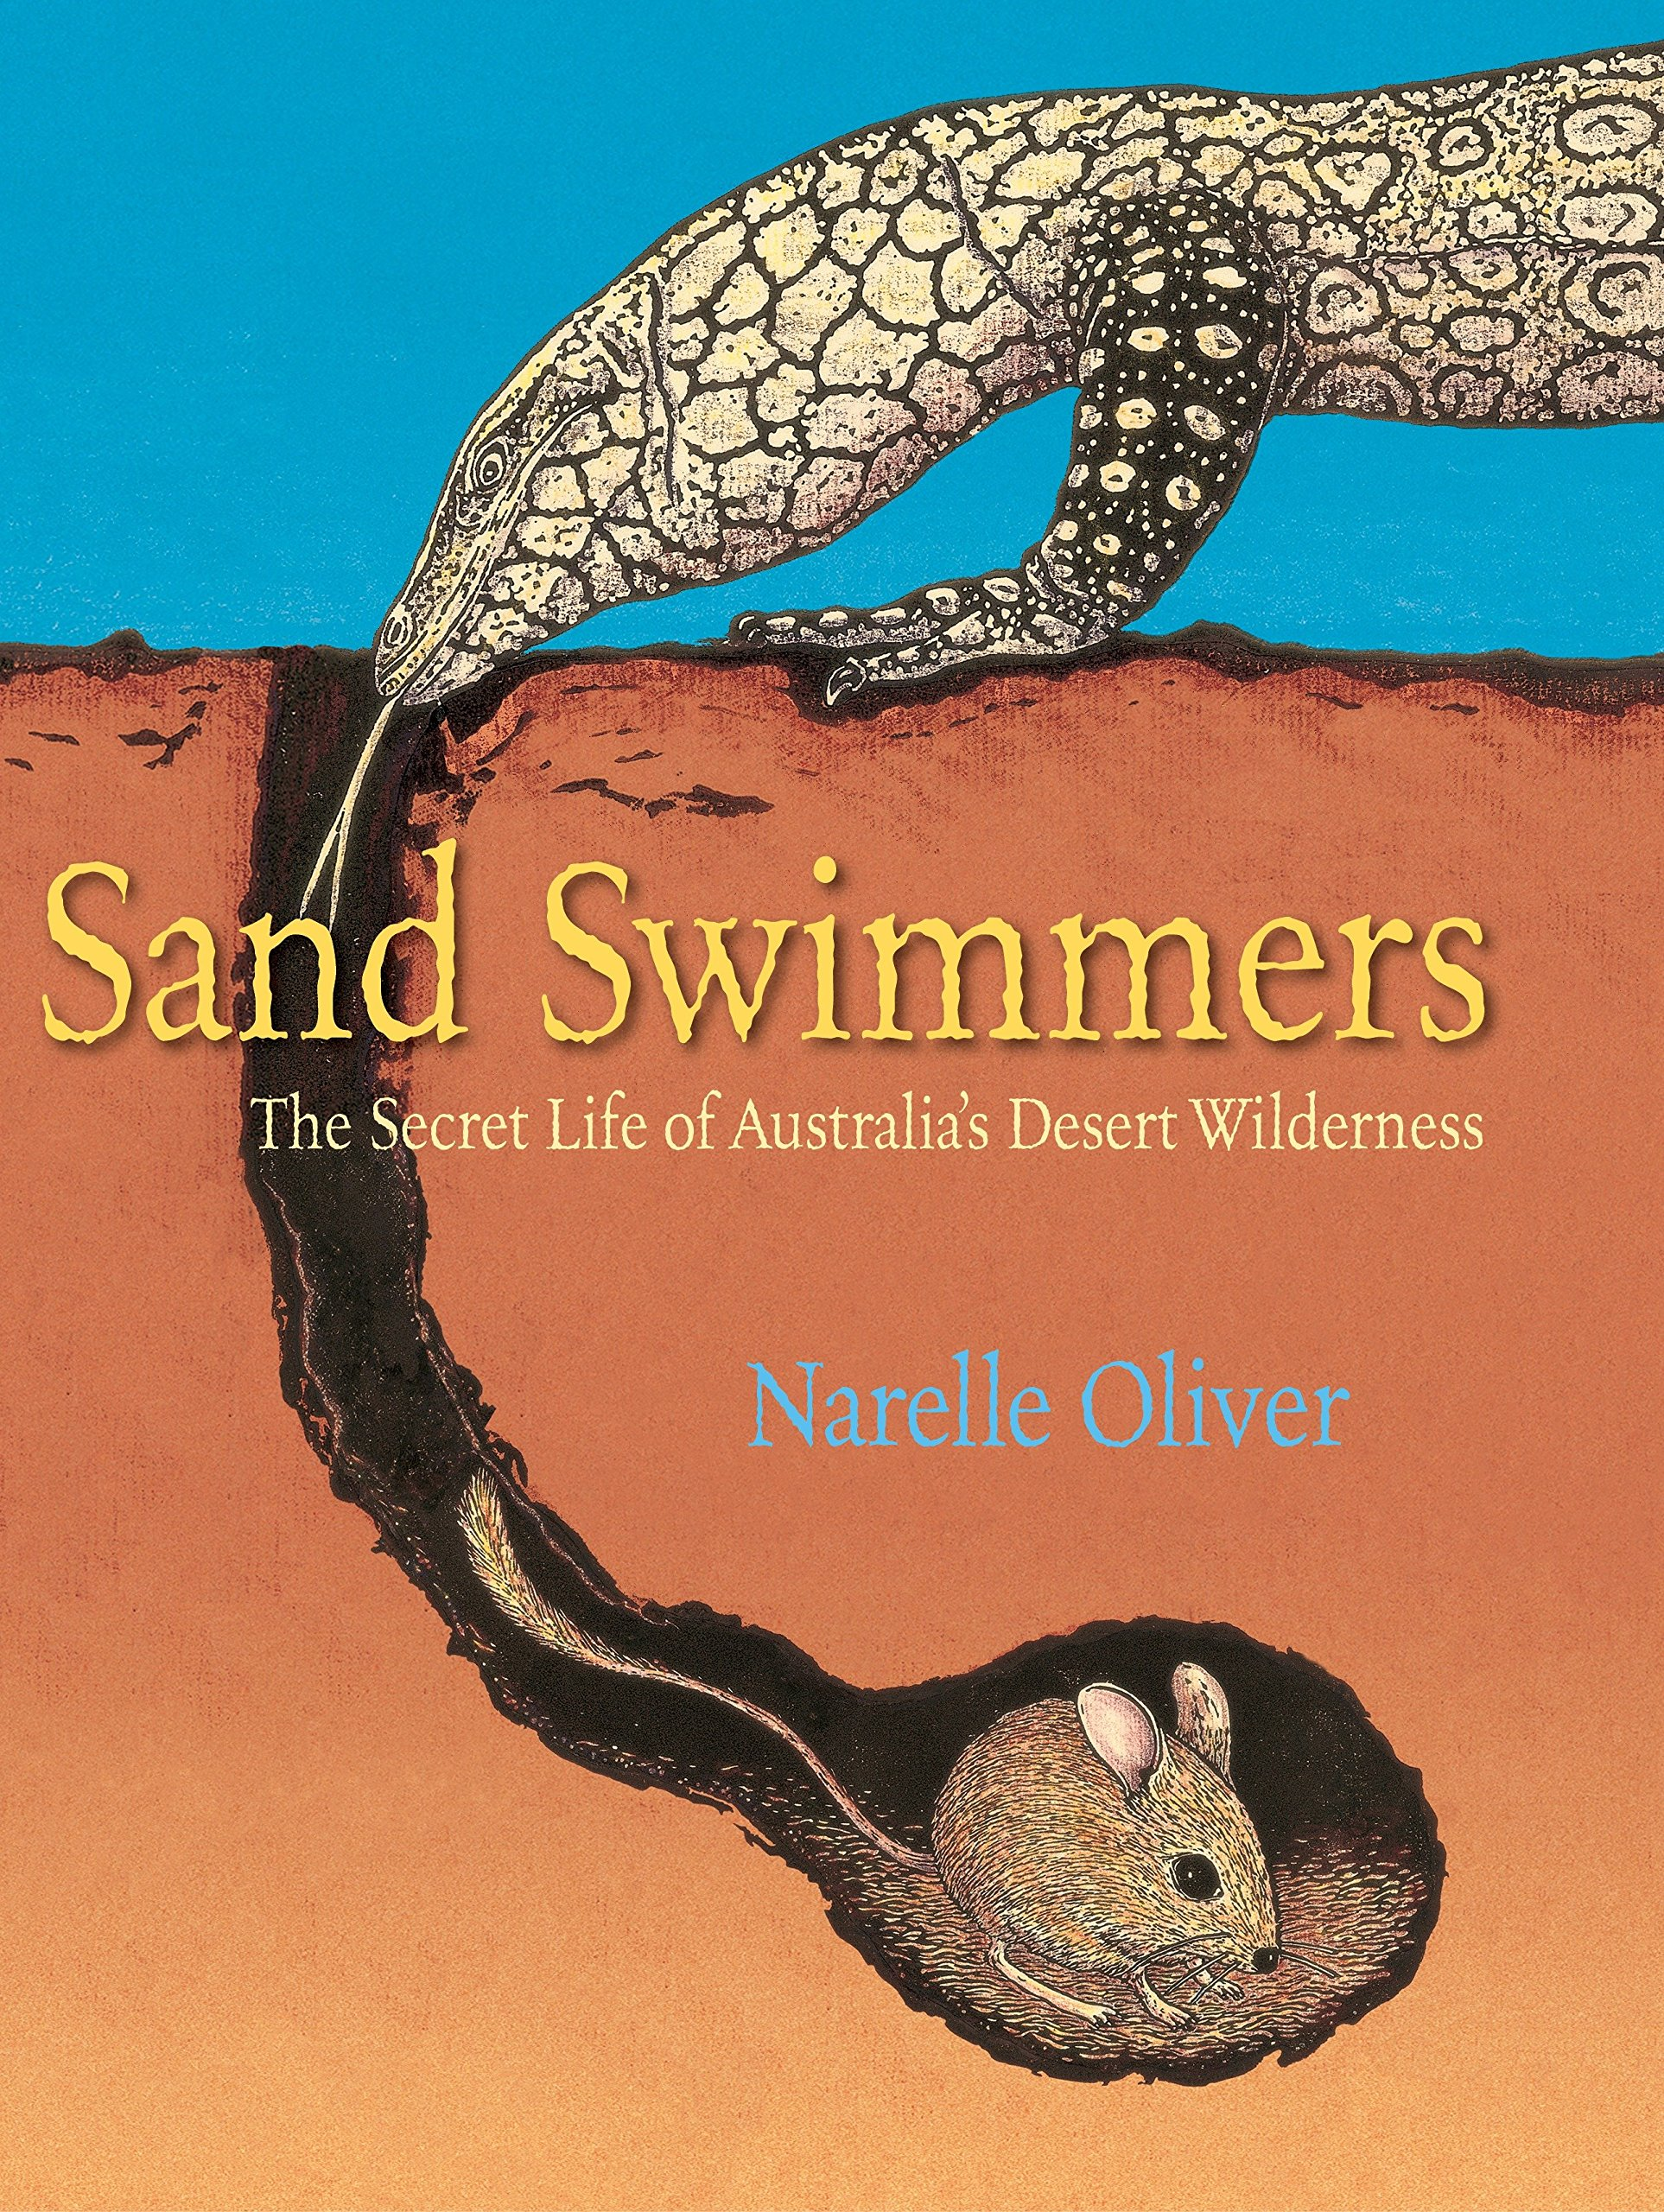 Sand Swimmers: The Secret Life of Australia's Desert Wilderness pdf